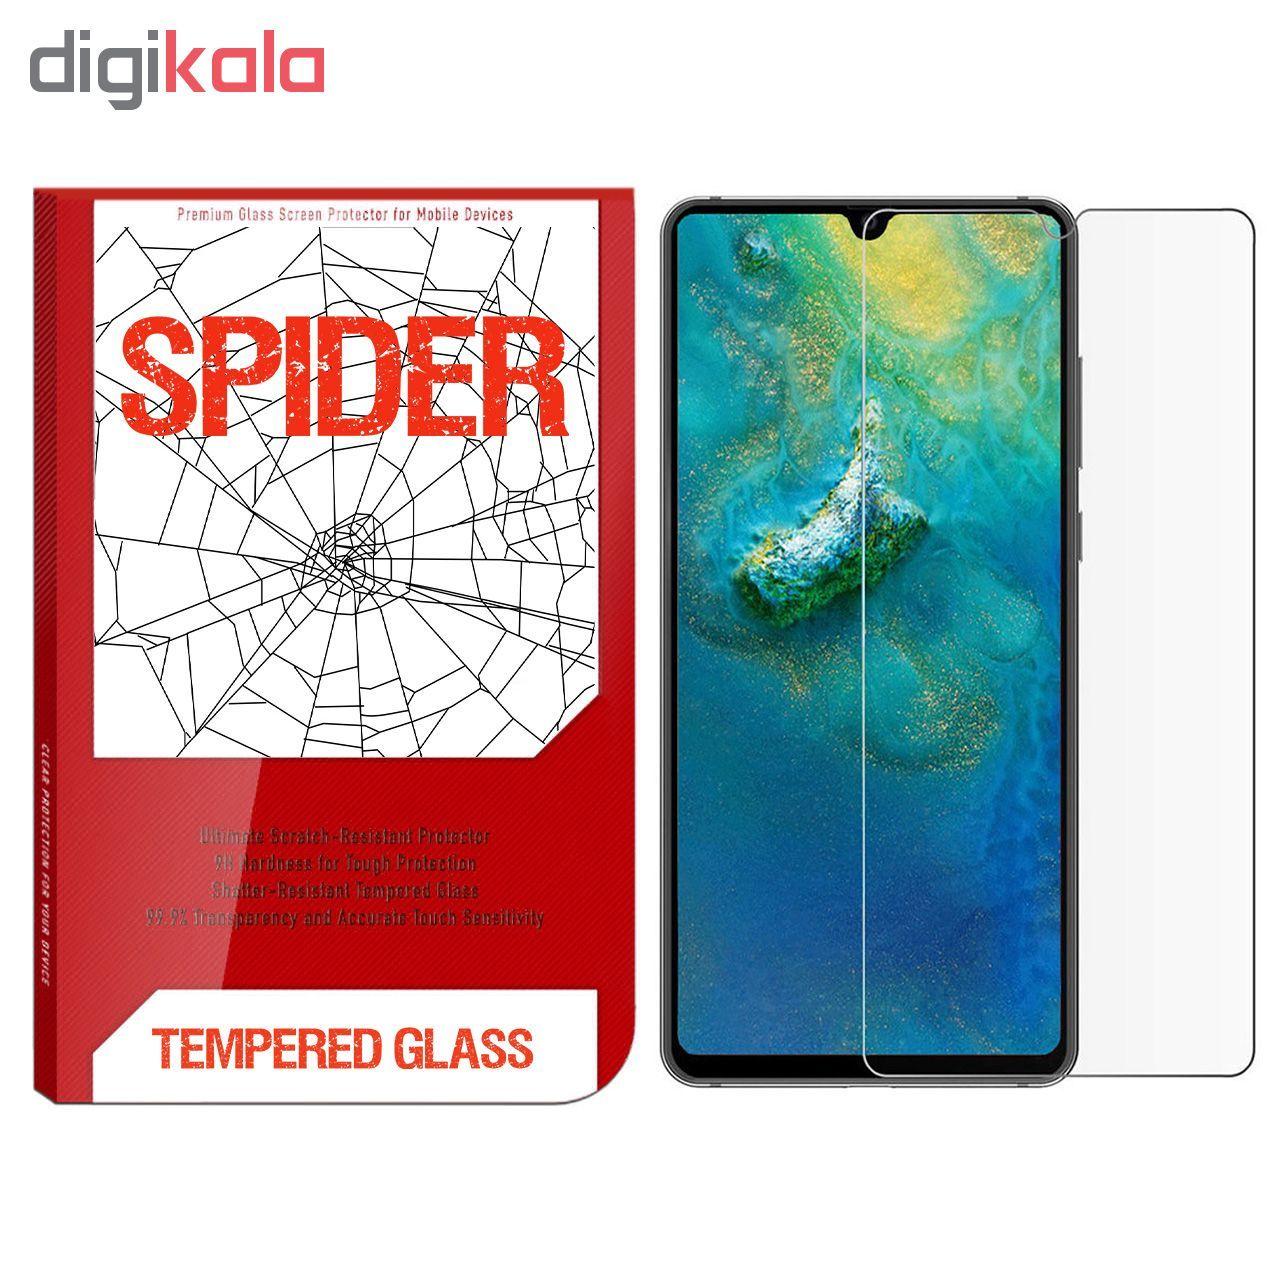 محافظ صفحه نمایش اسپایدر مدل S-TMP002 مناسب برای گوشی موبایل هوآوی Y7 2019 main 1 1